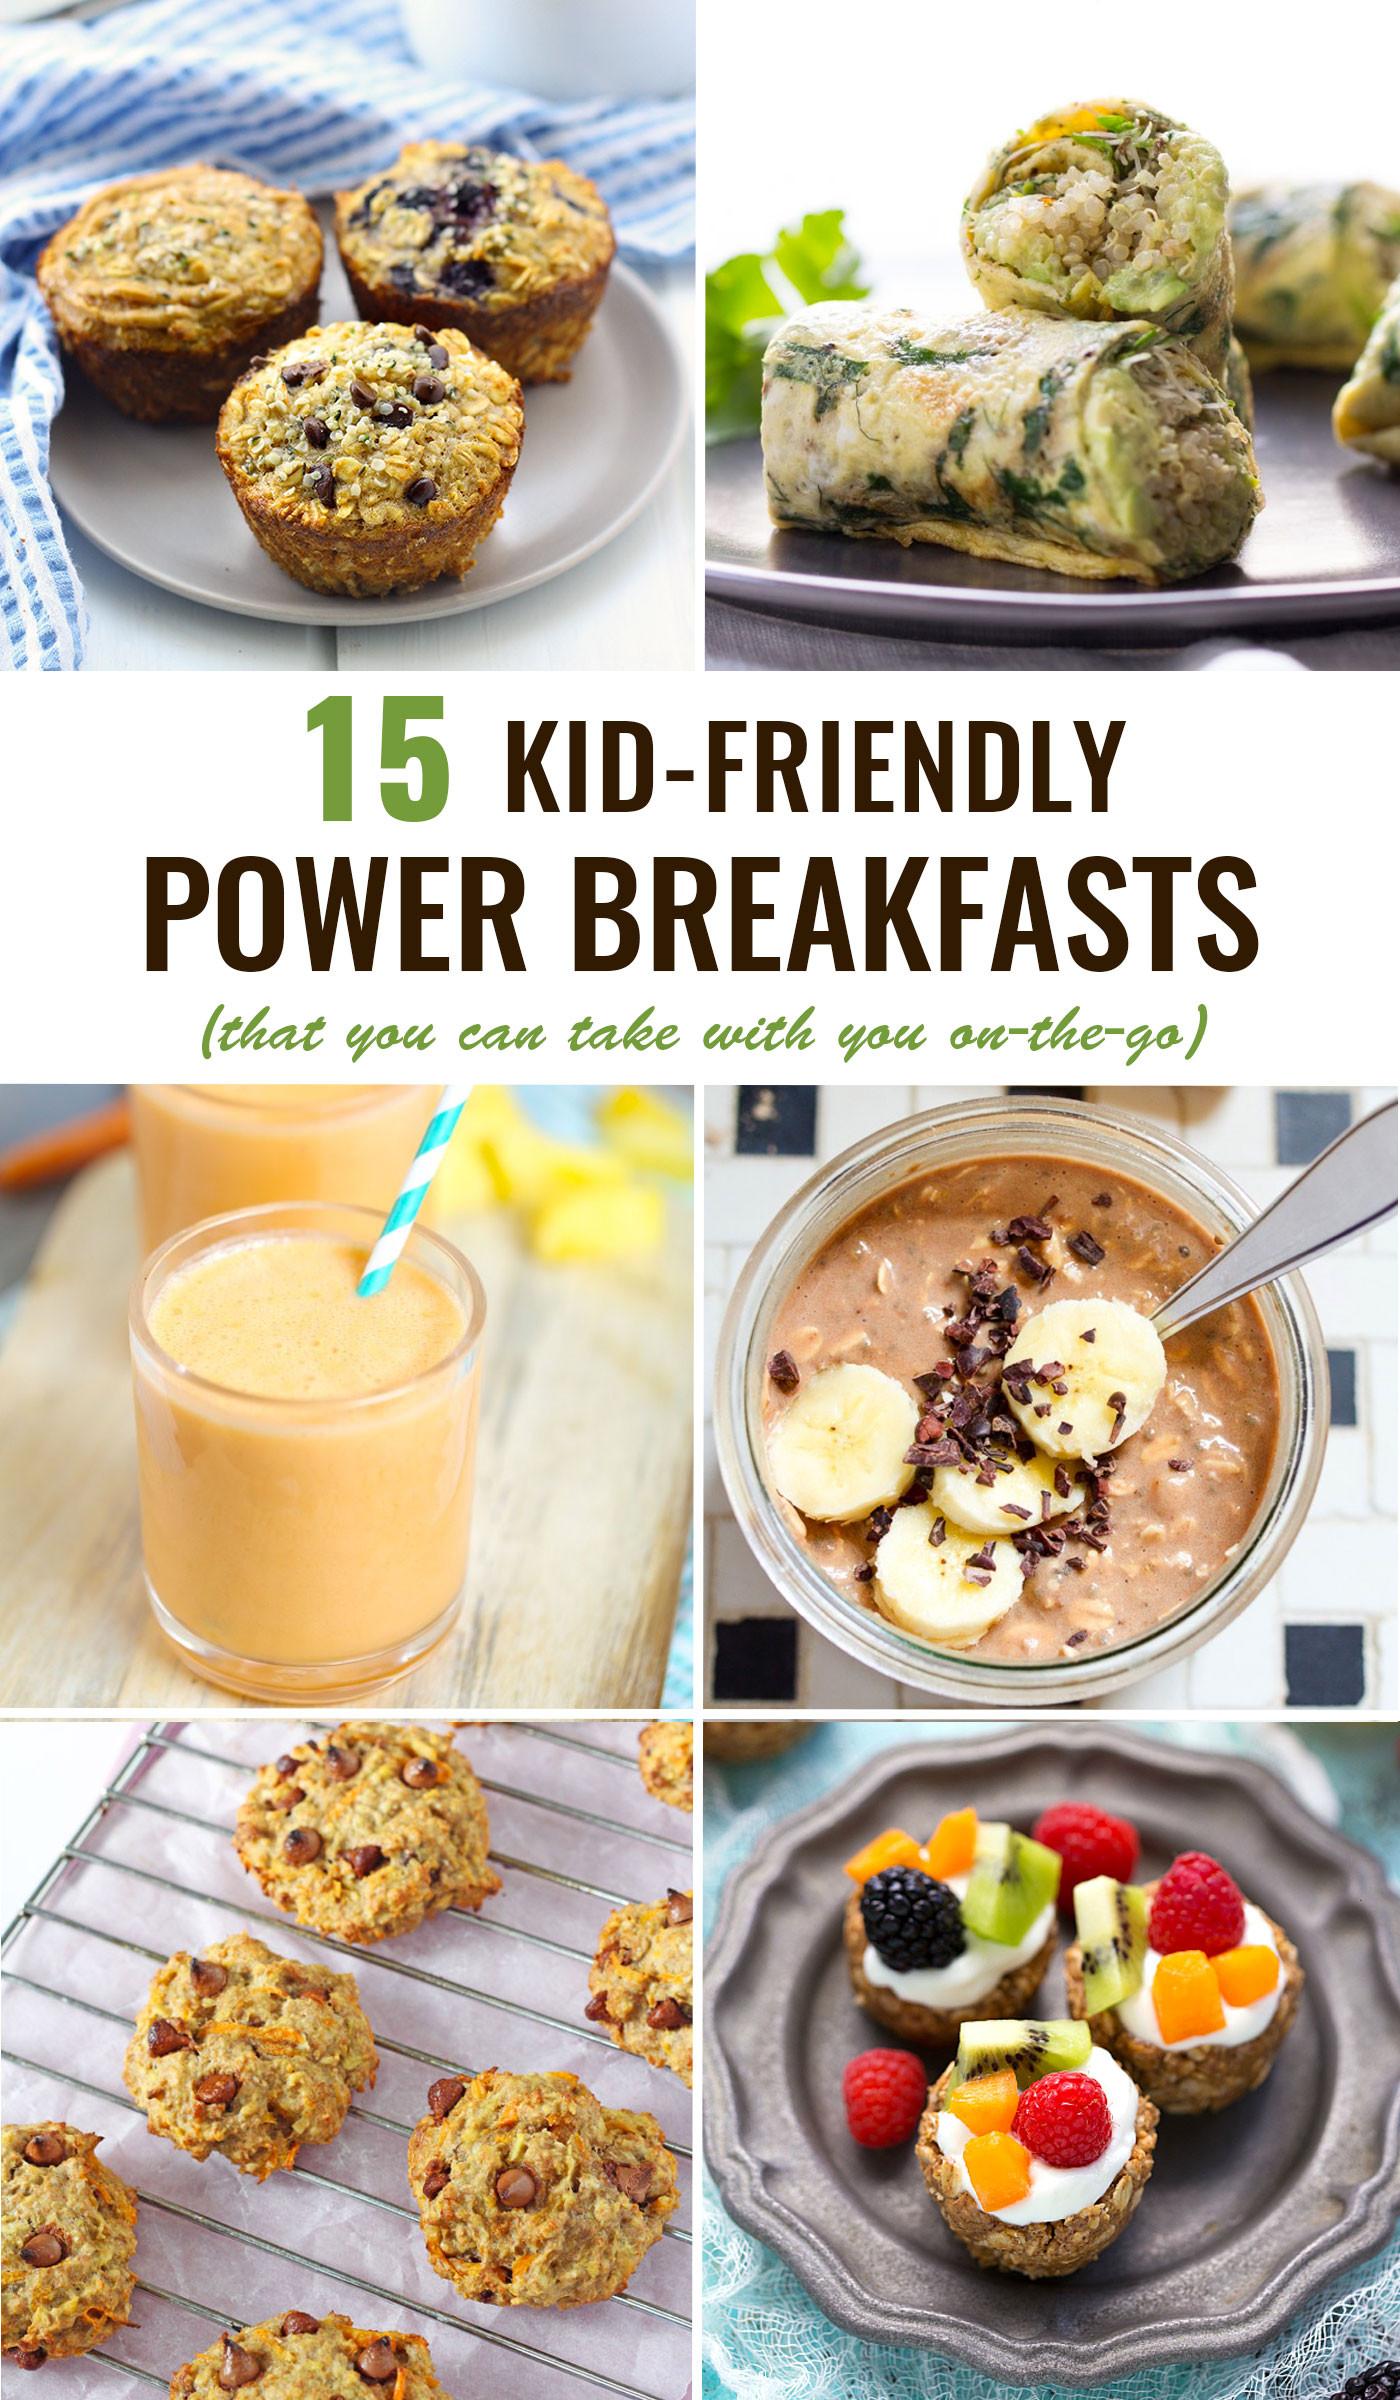 Healthy Breakfast Ideas For Kids  Kid Friendly Power Breakfasts To Go